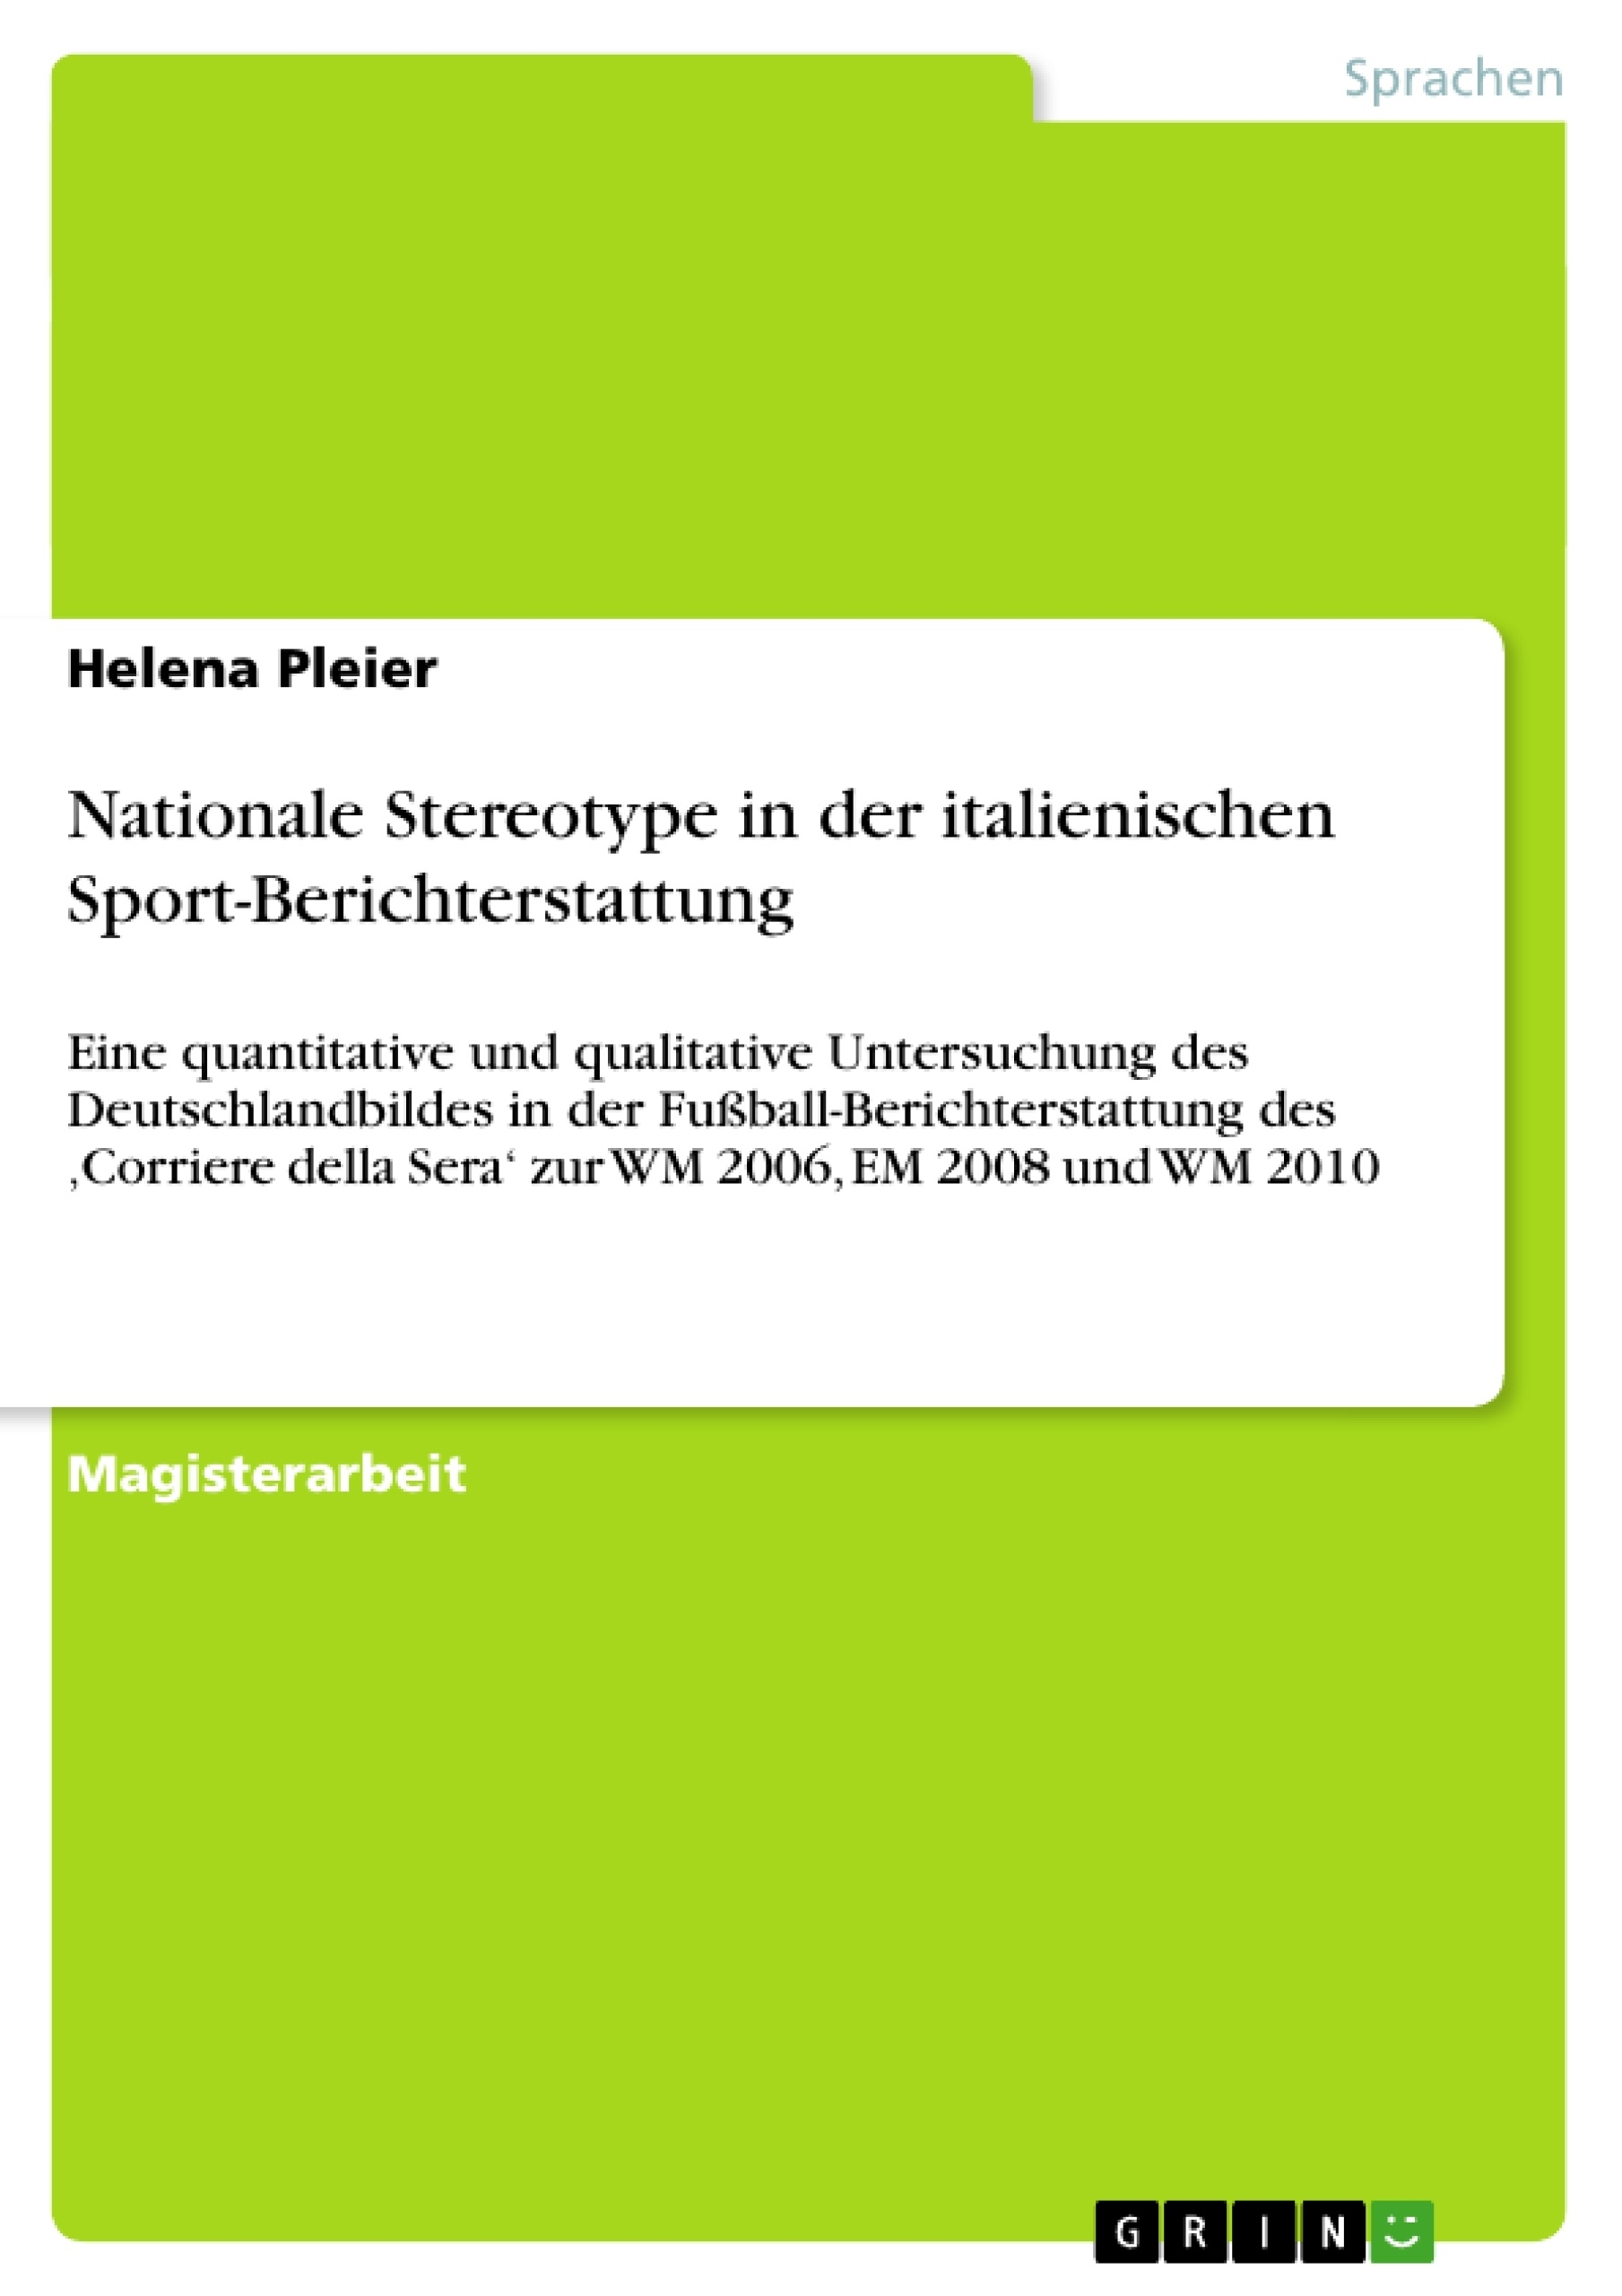 Titel: Nationale Stereotype in der italienischen Sport-Berichterstattung